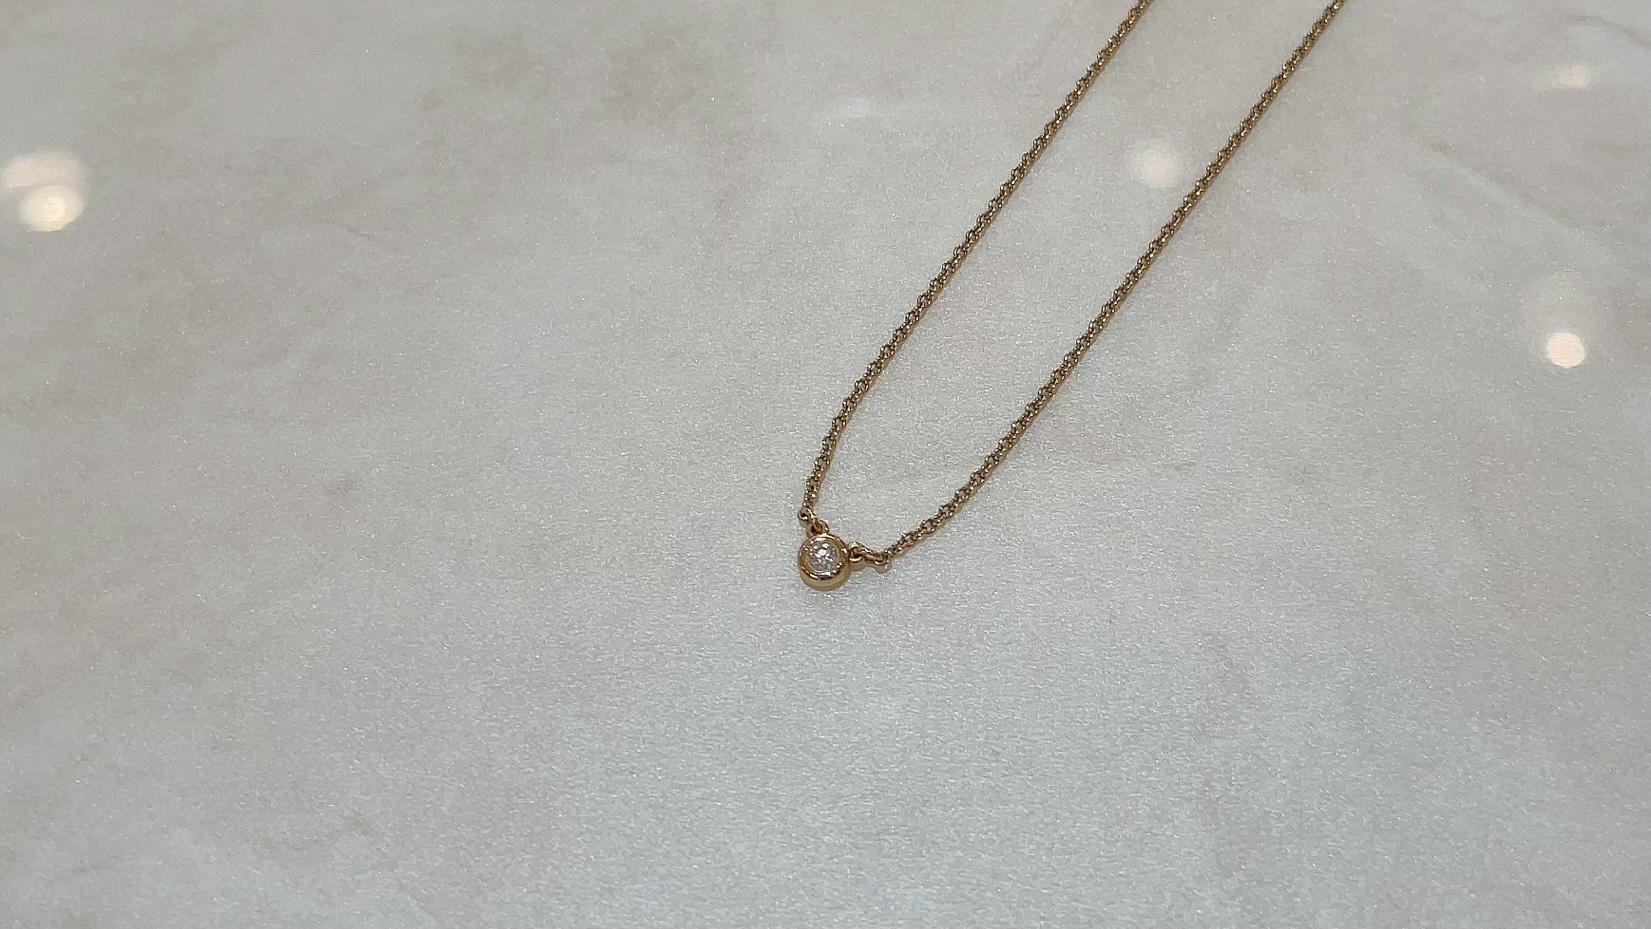 【買取速報】ダイヤモンド、ネックレス、750、Tiffany & Co.-2021-05-09